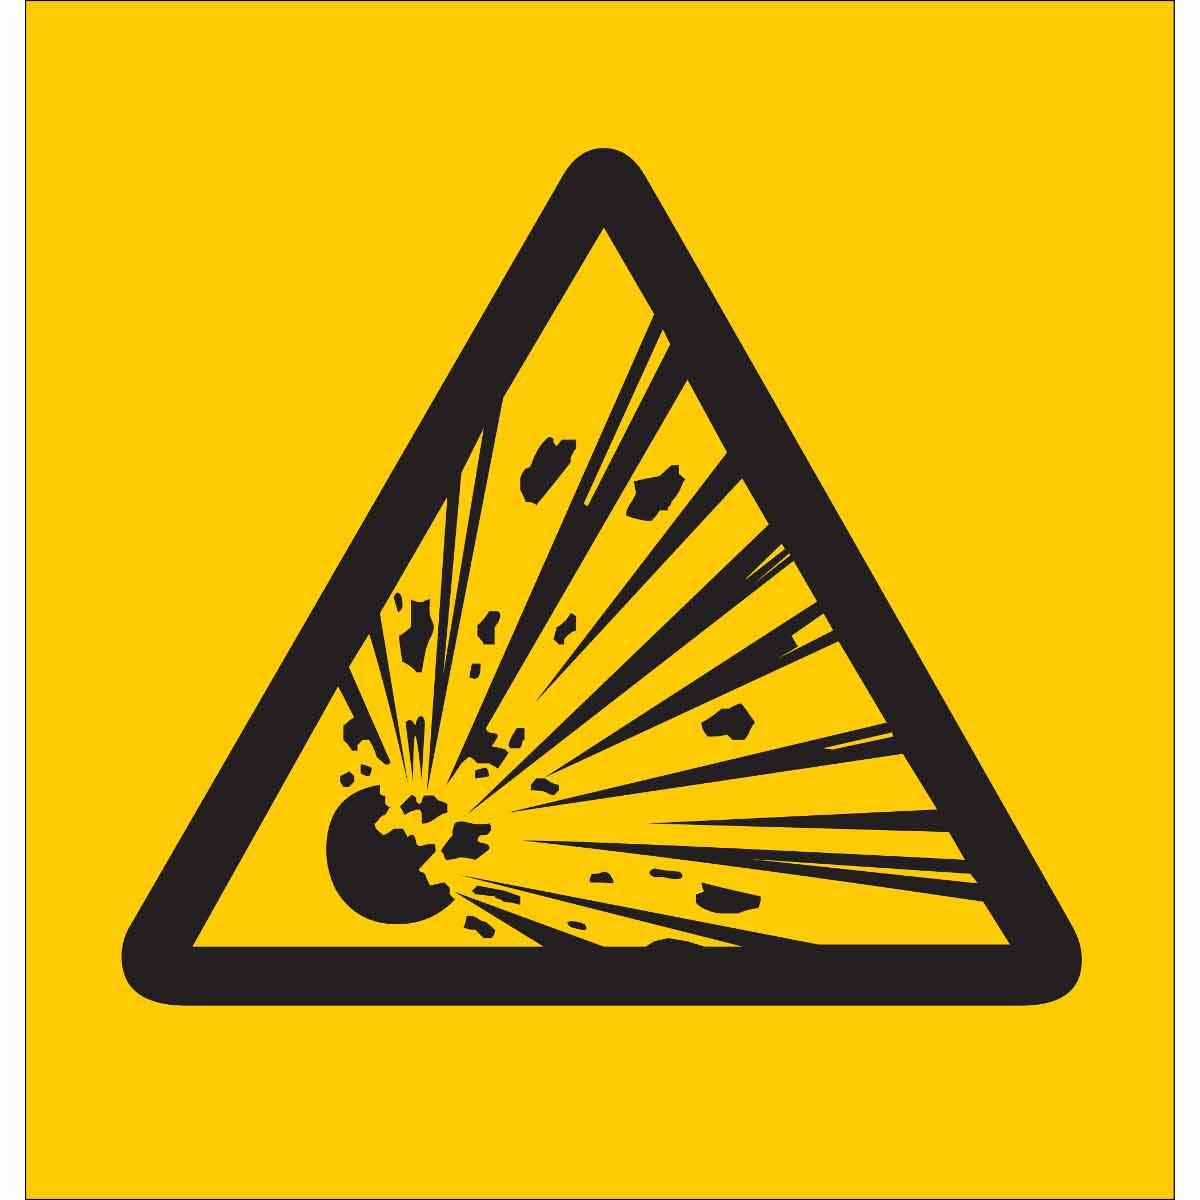 Hasil gambar untuk explosive symbol symbol